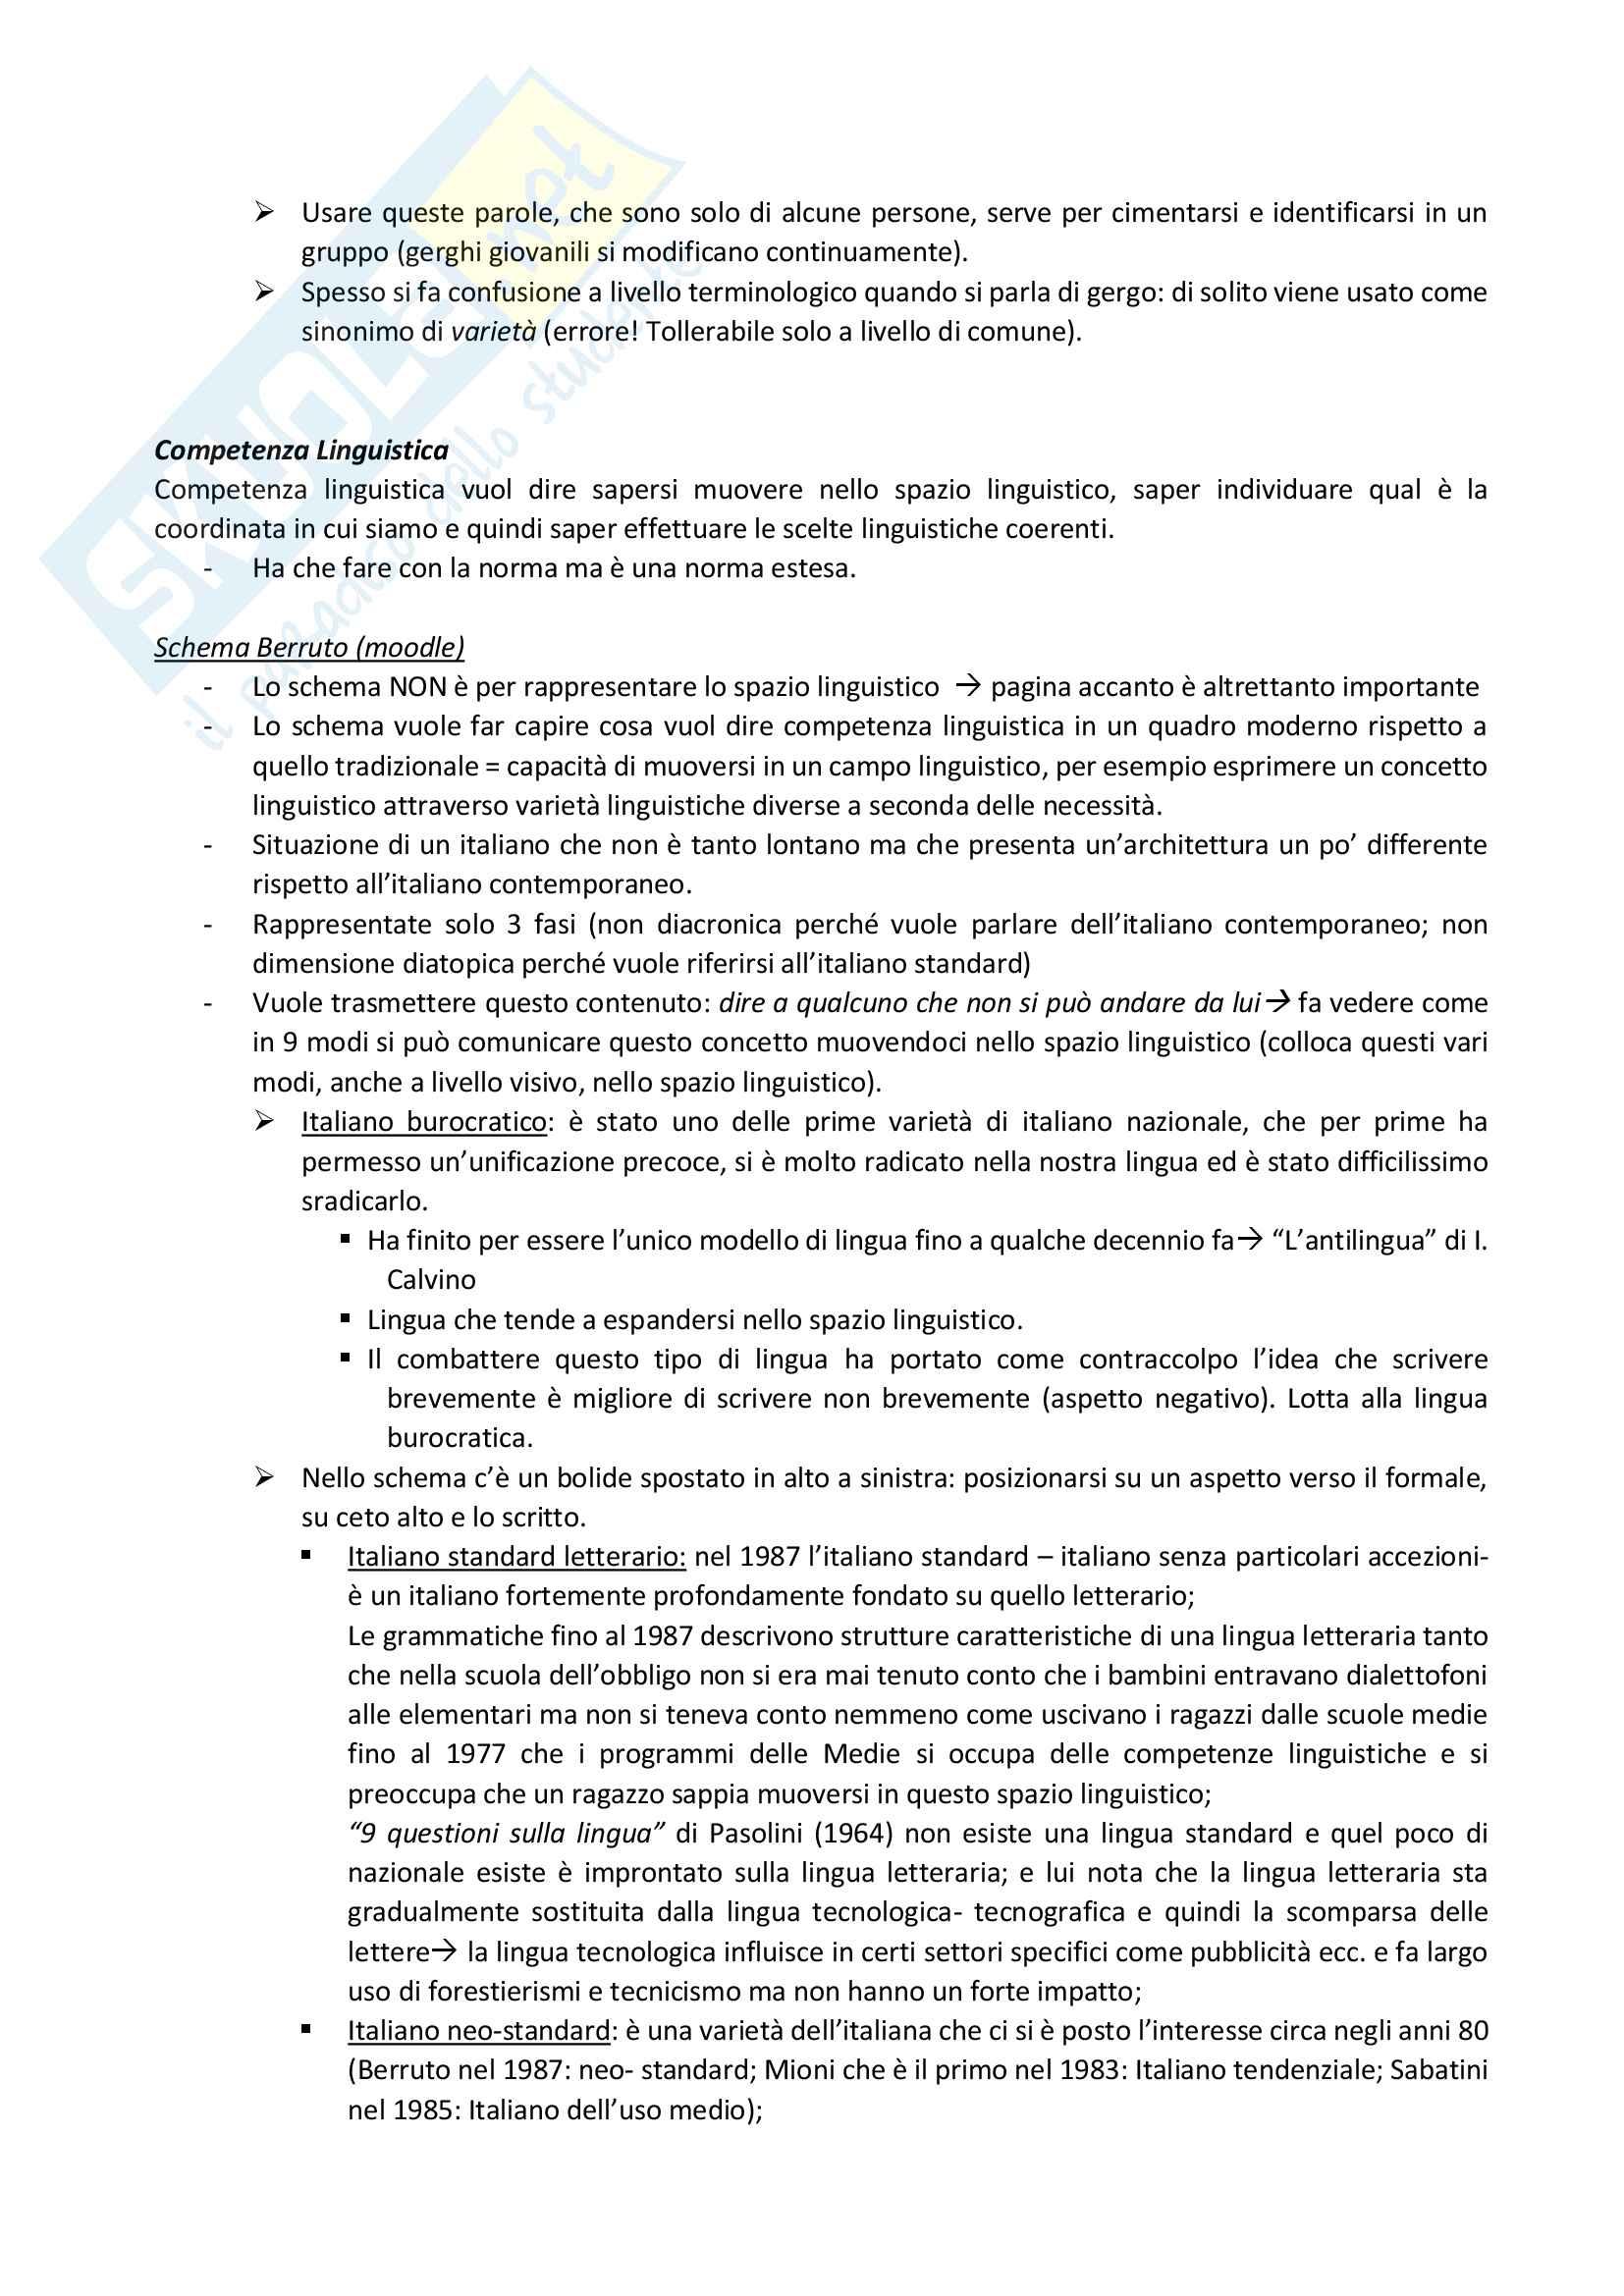 Appunti Grammatica Italianan corso del Prof. Biffi Pag. 6